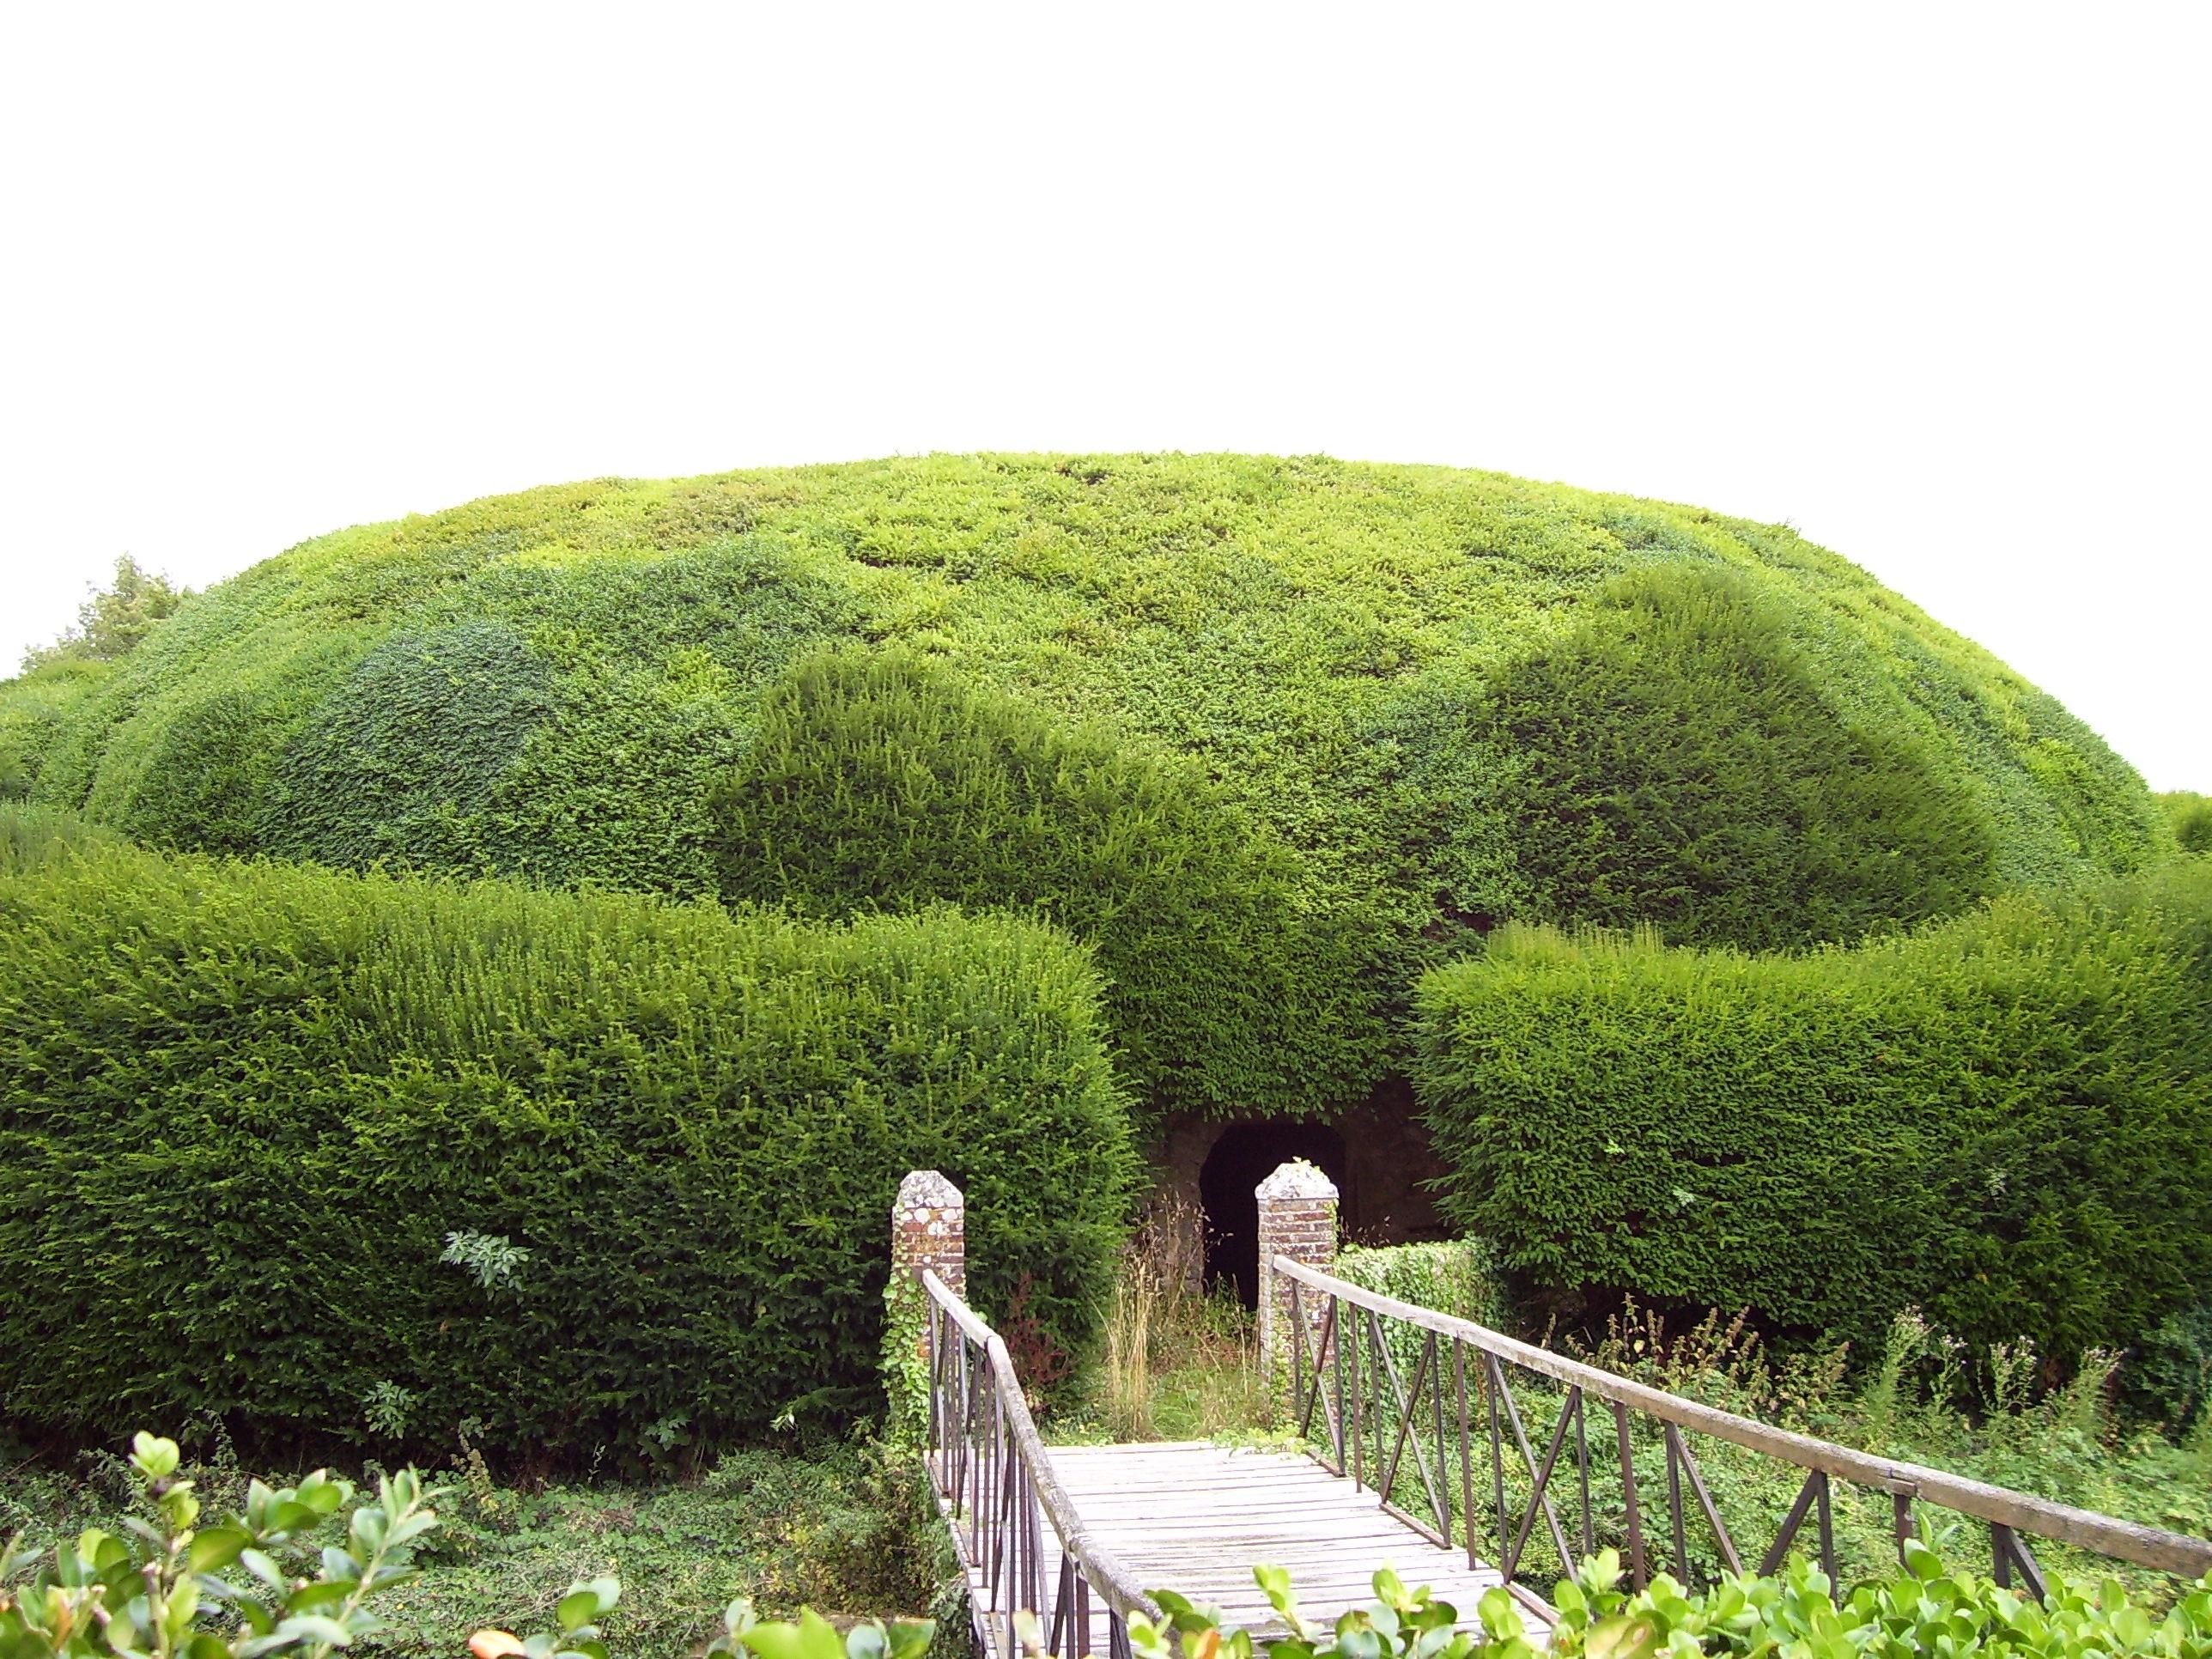 Die Motte, eigenes Foto (auf commons), Lizenz:public domain